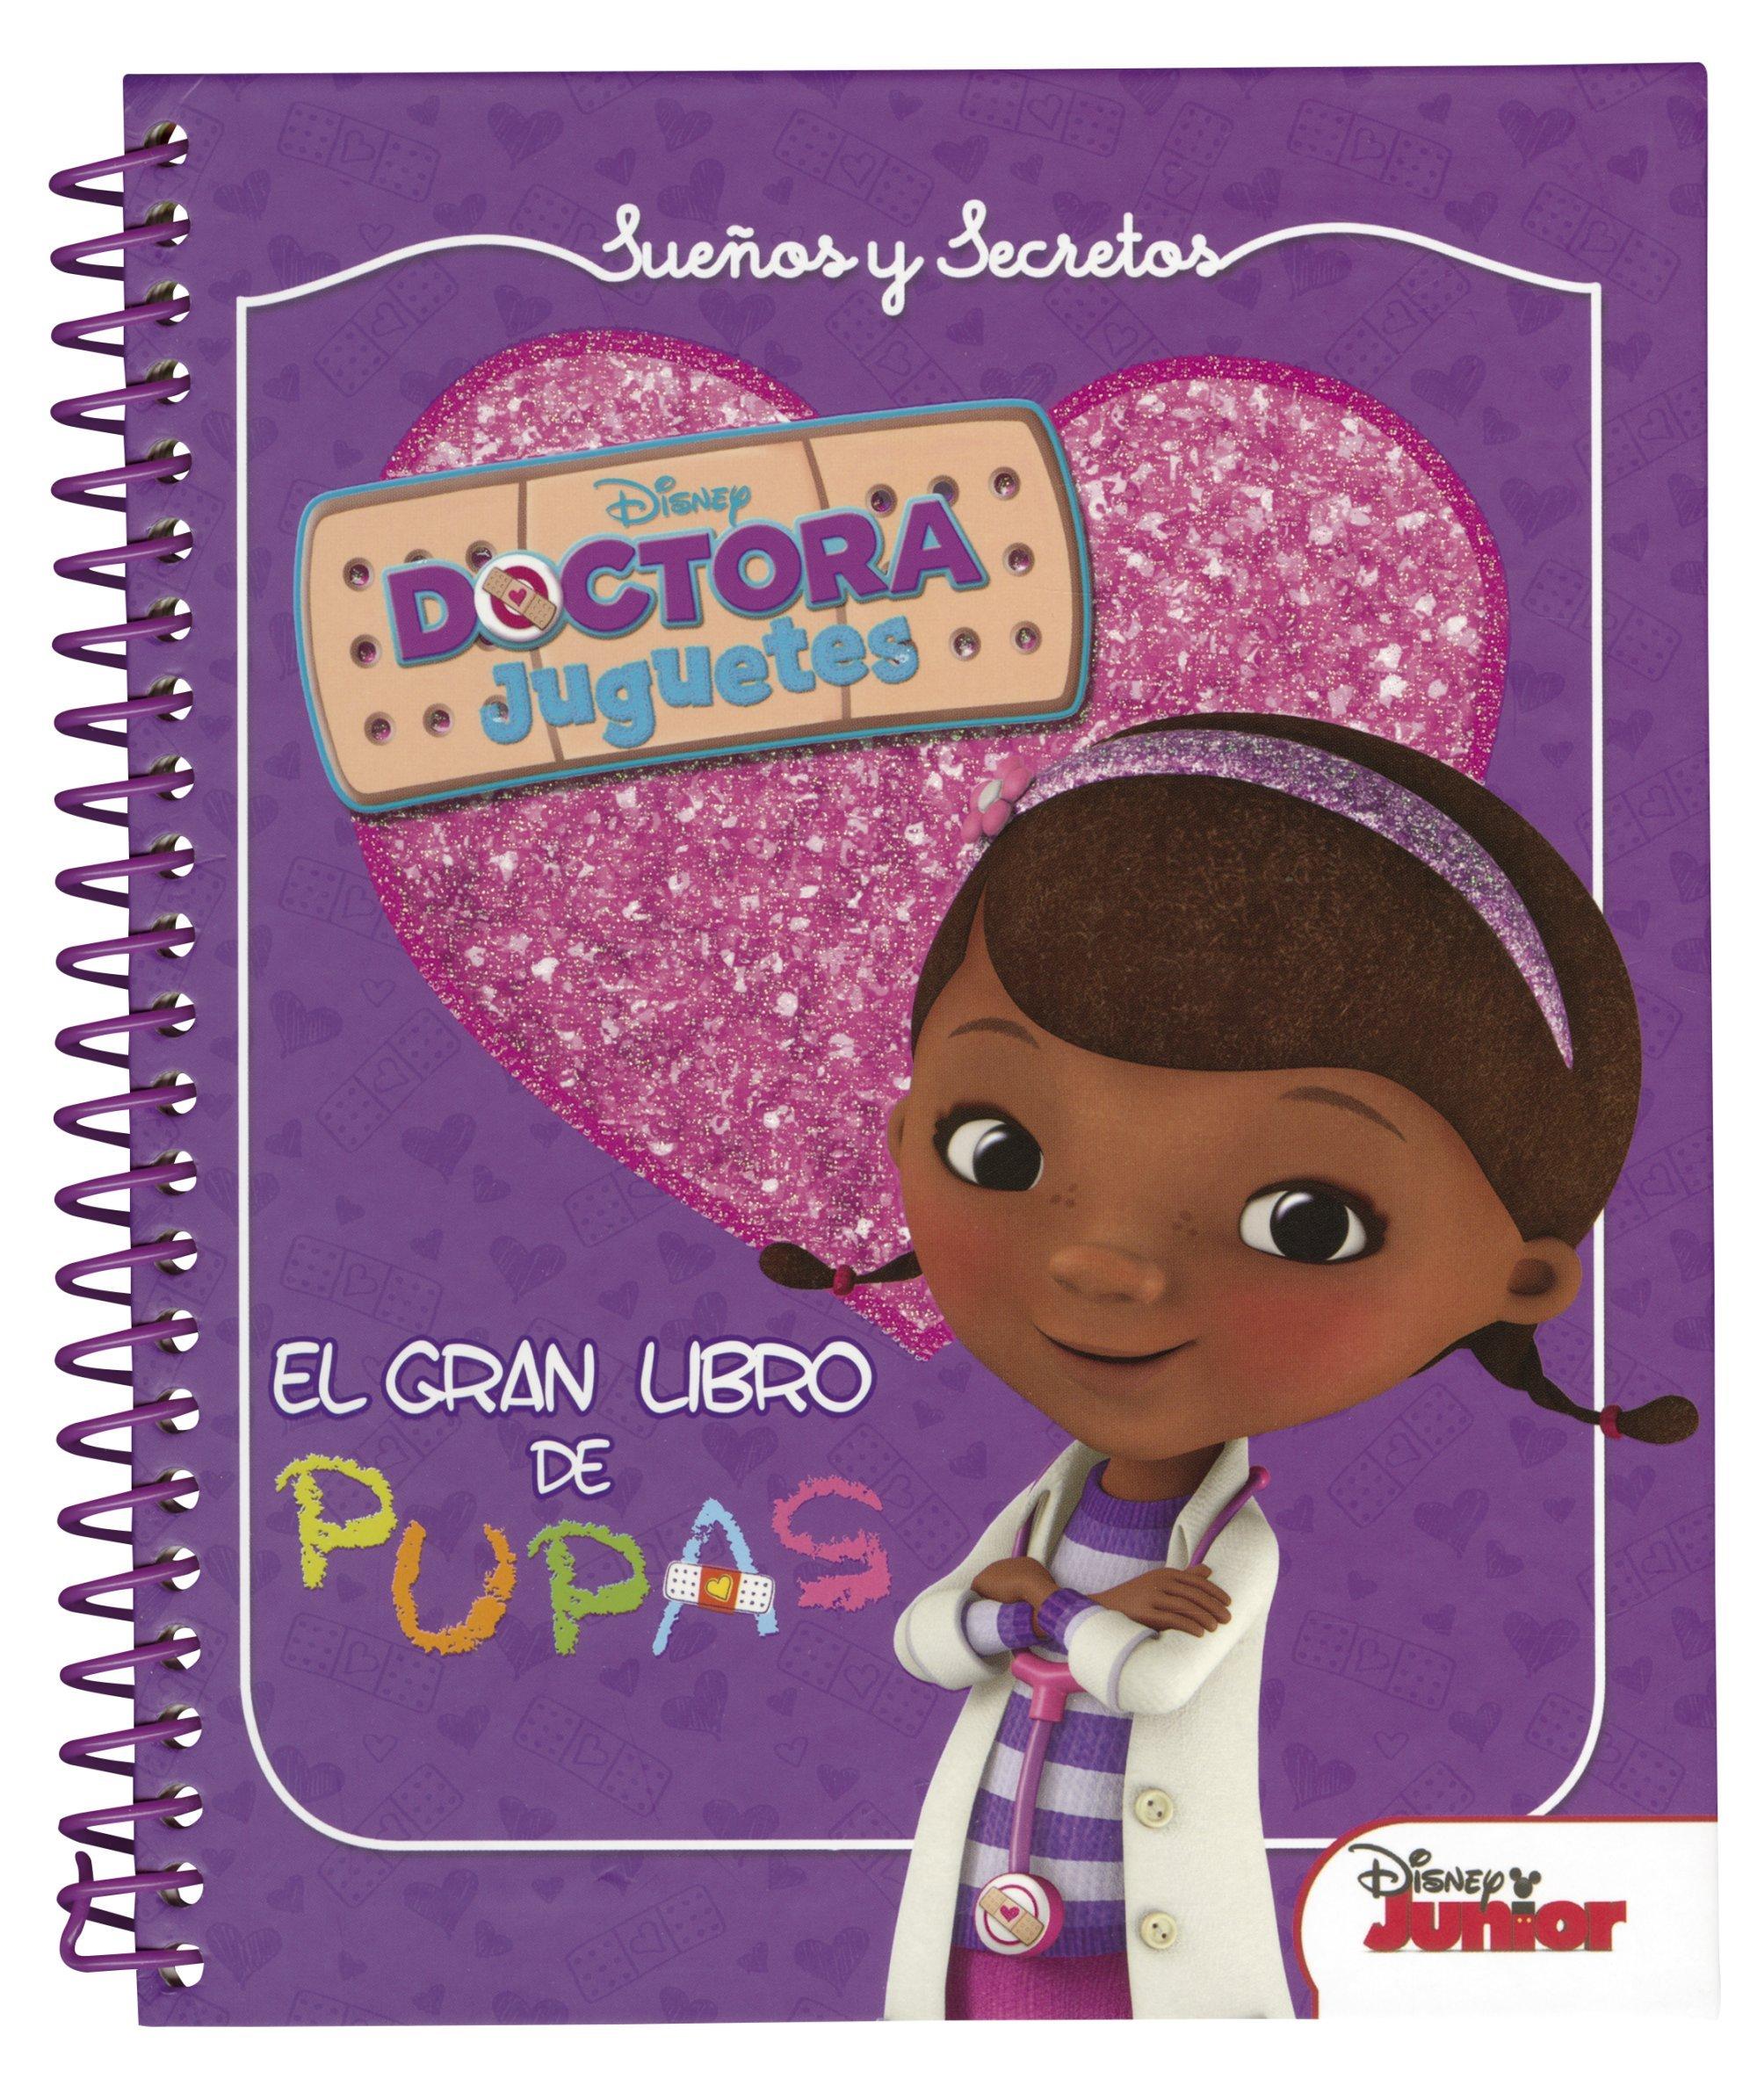 Pupas Y Disney SecretosEl De JuguetesSueños Gran Doctora Libro bgyYf6v7